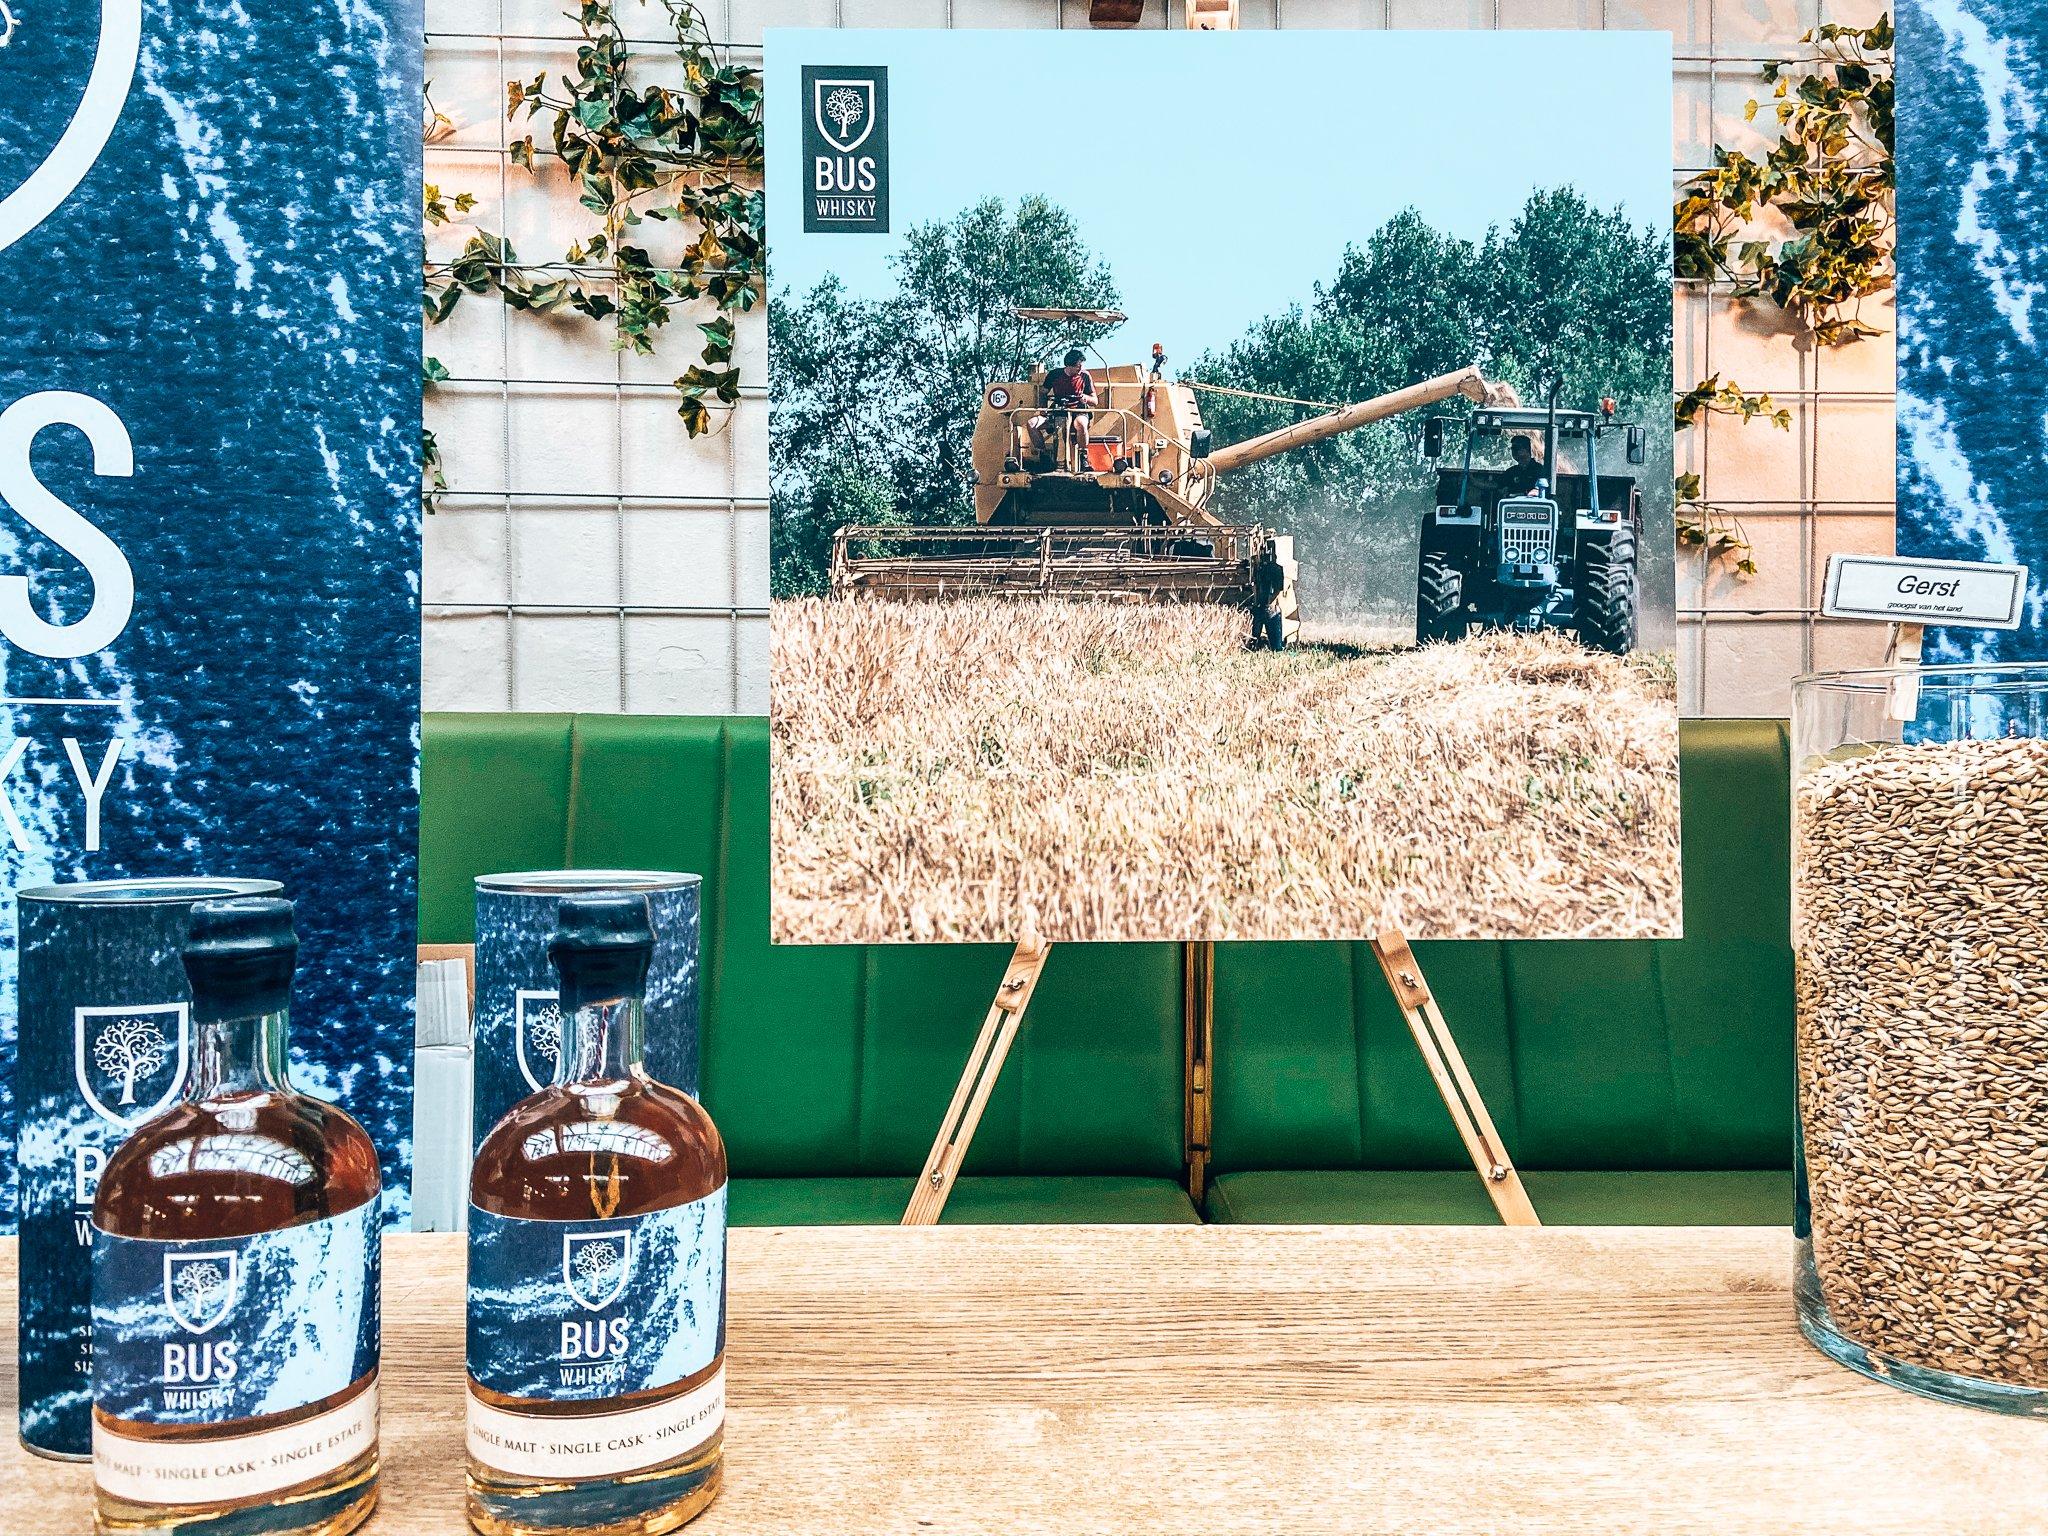 Bus Whisky, Binnenlands Gedistilleerd, Fooddock Deventer, Alles over gin.